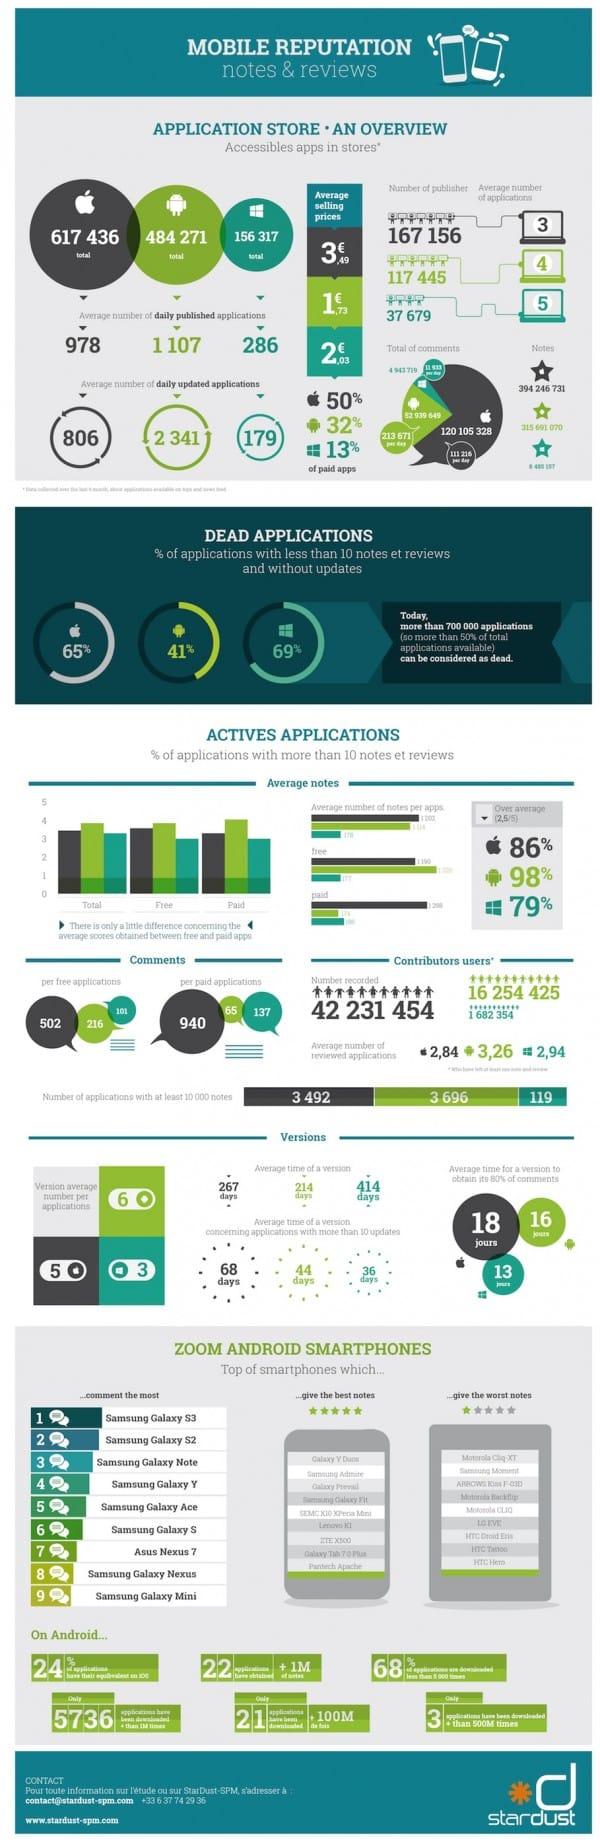 Infografía reputación móvil